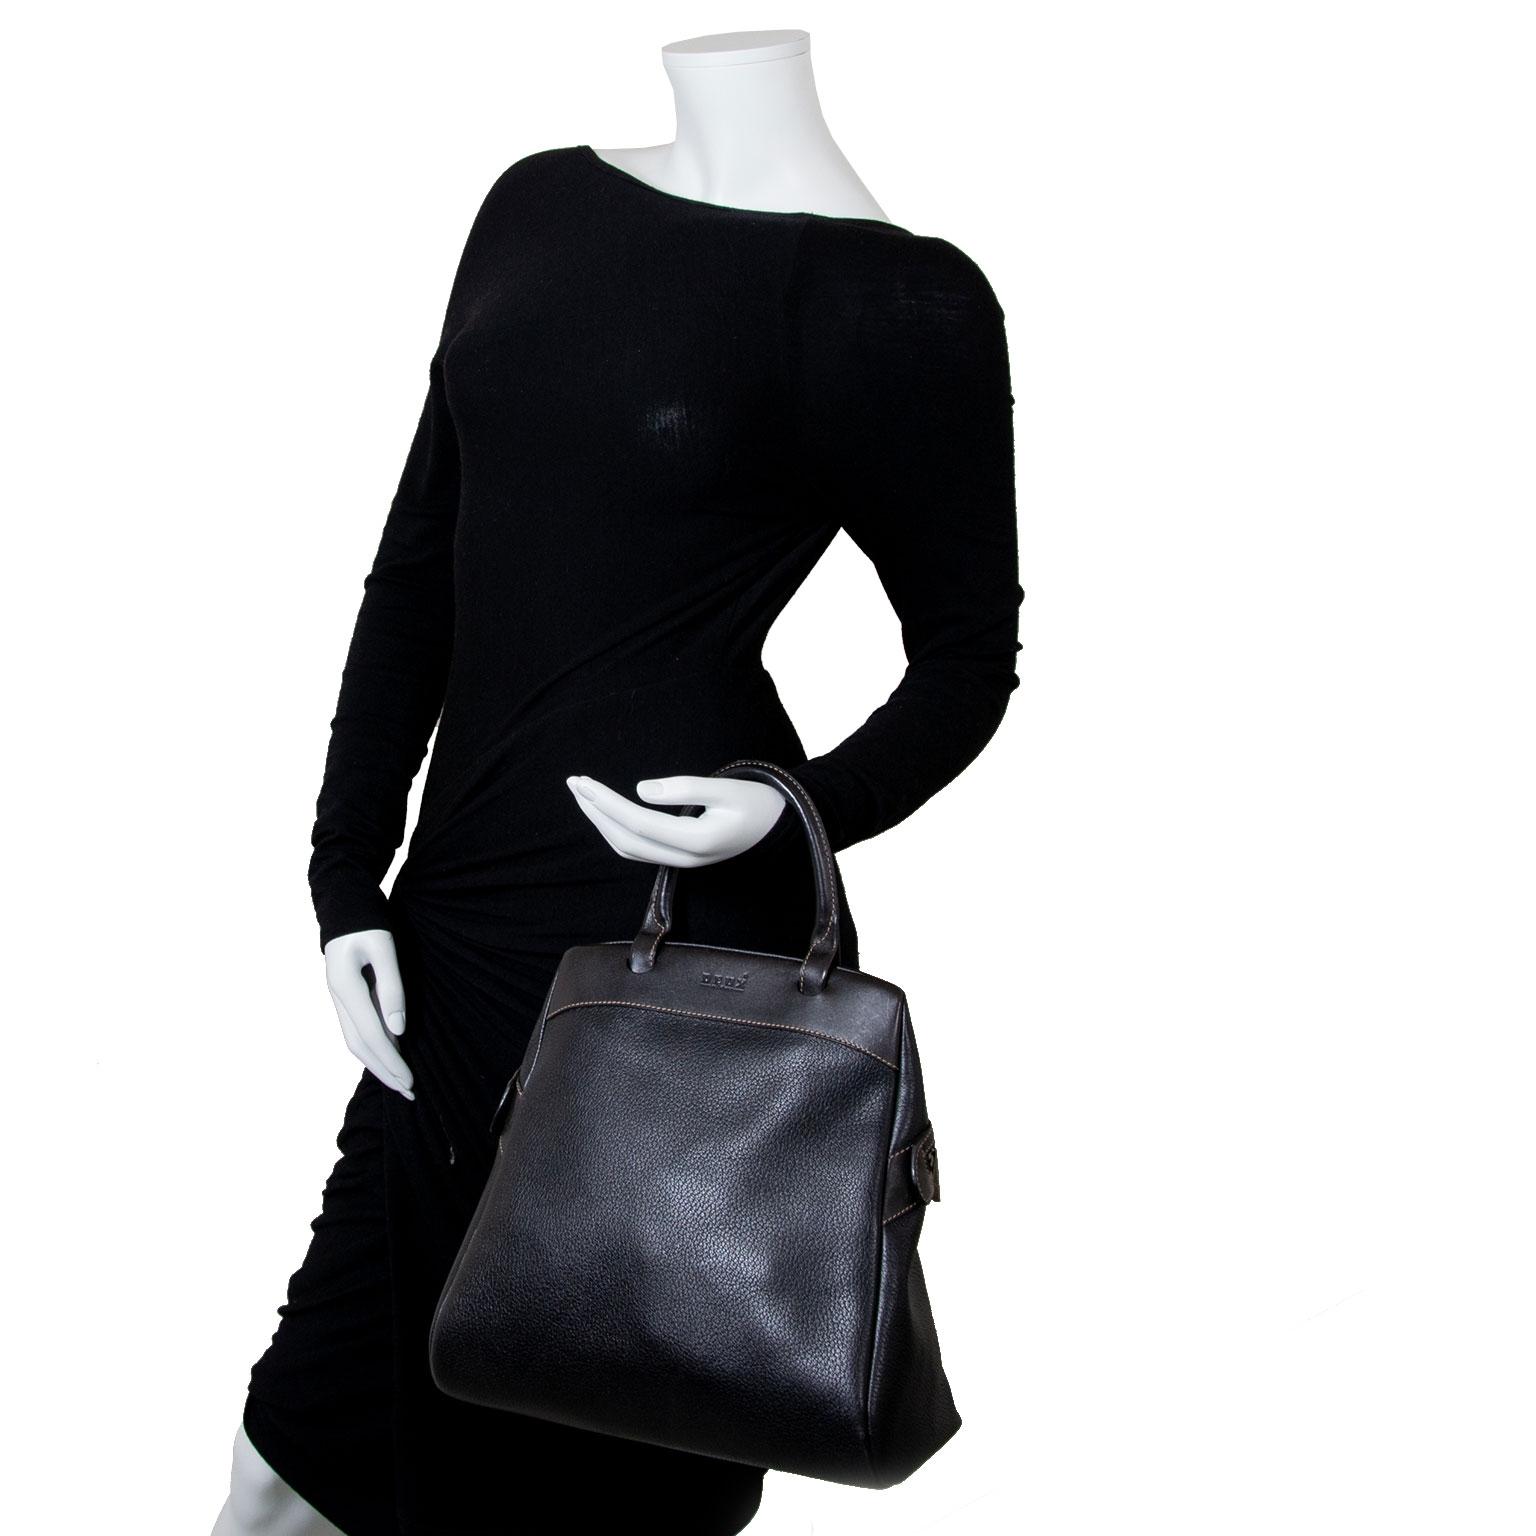 Koop en verkoop uw authentieke designer handtassen en accessoires aan de beste prijs bij Labellov